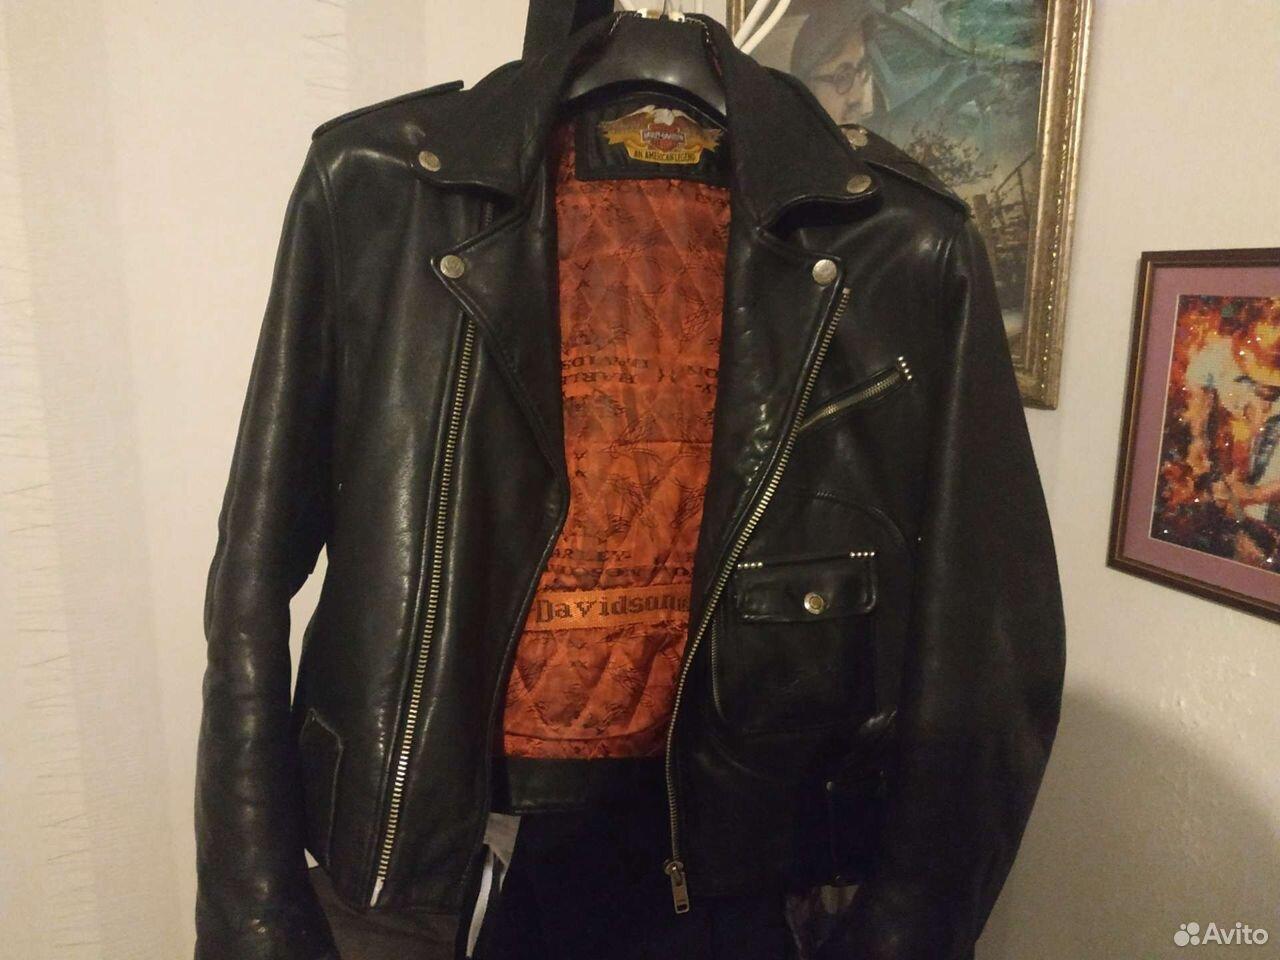 Кожаная куртка косуха Харлей Девидсон оригинал  89220446254 купить 3